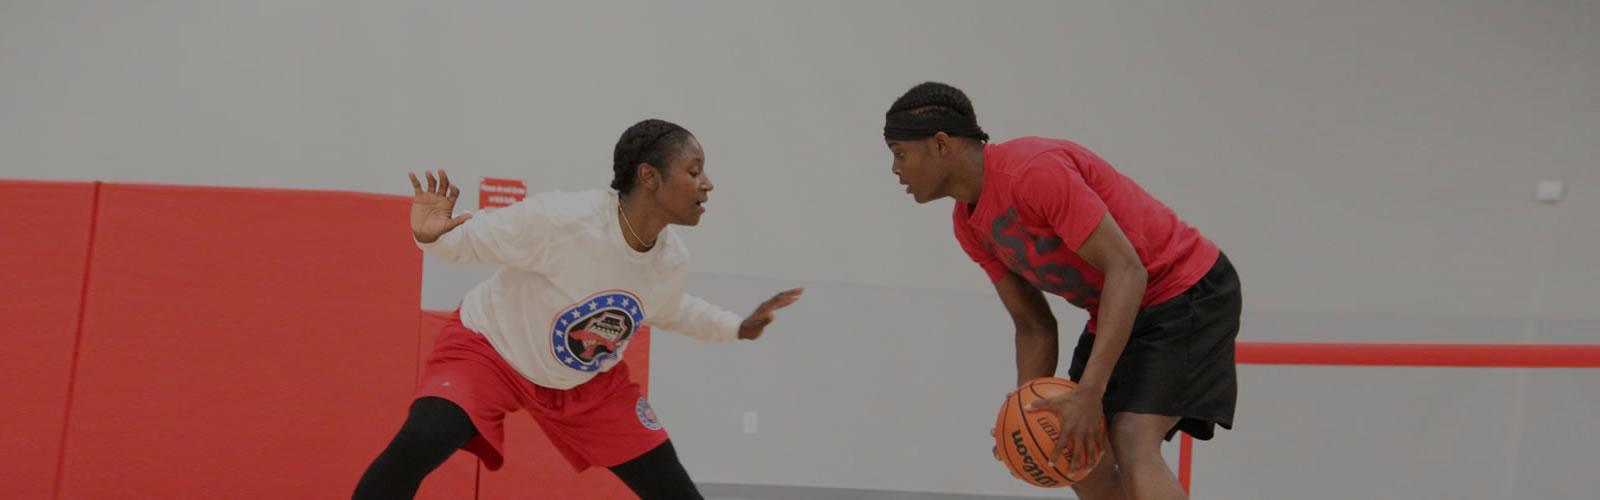 basketball-page-banner-img